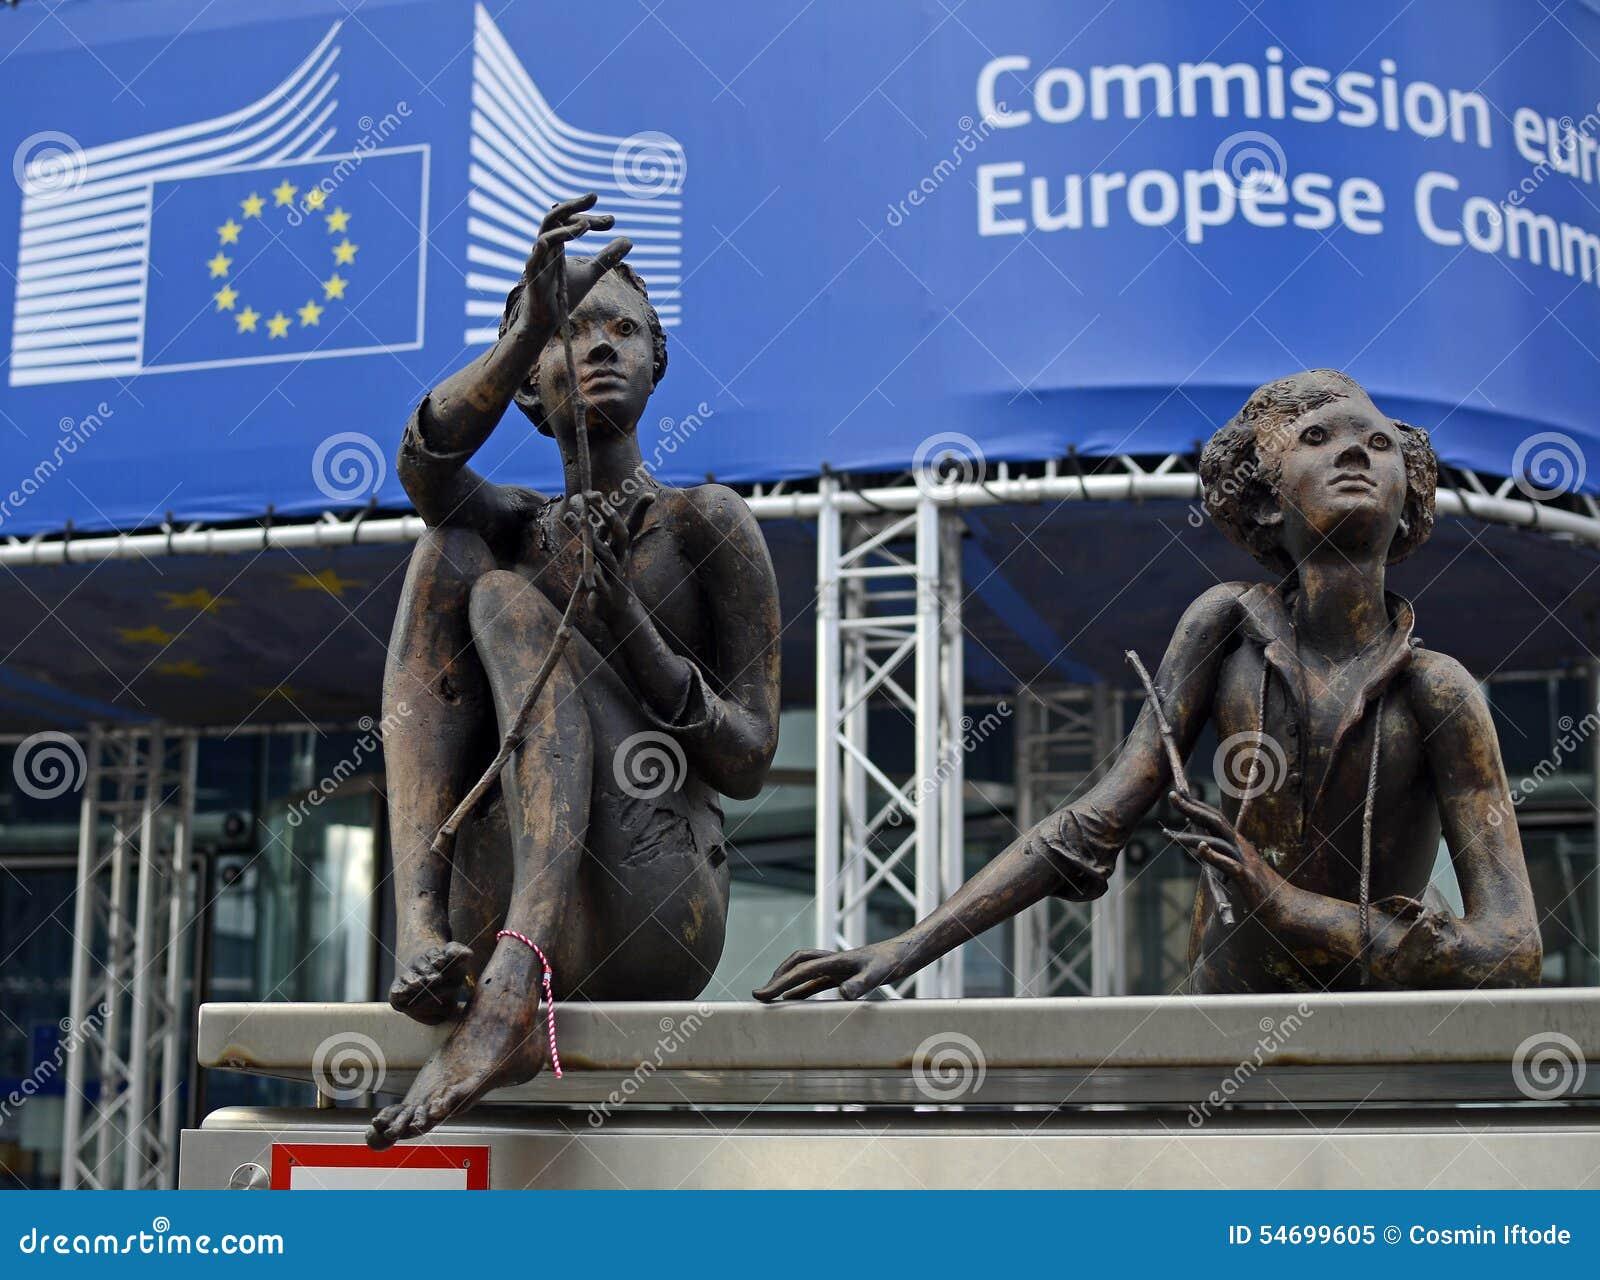 Europese Unie - de Europese Commissie